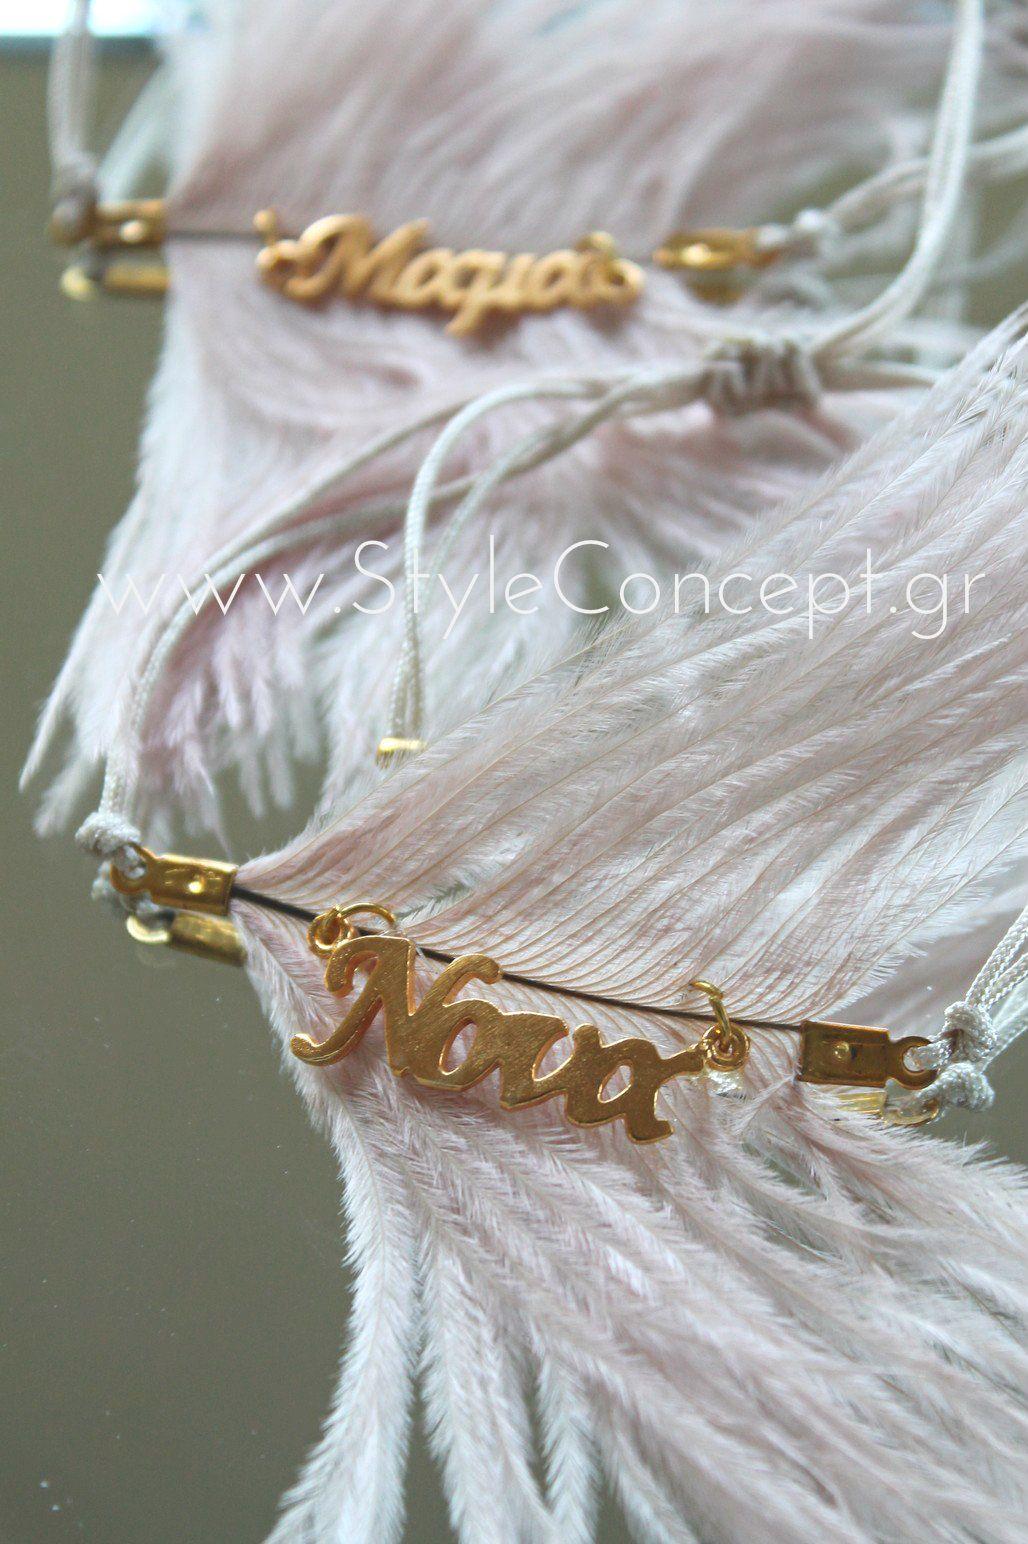 Μια ιδιαίτερη σειρά χειροποίητων μαρτυρικών bracelets με μεγάλο εντυπωσιακό  φτερό c241e81002c